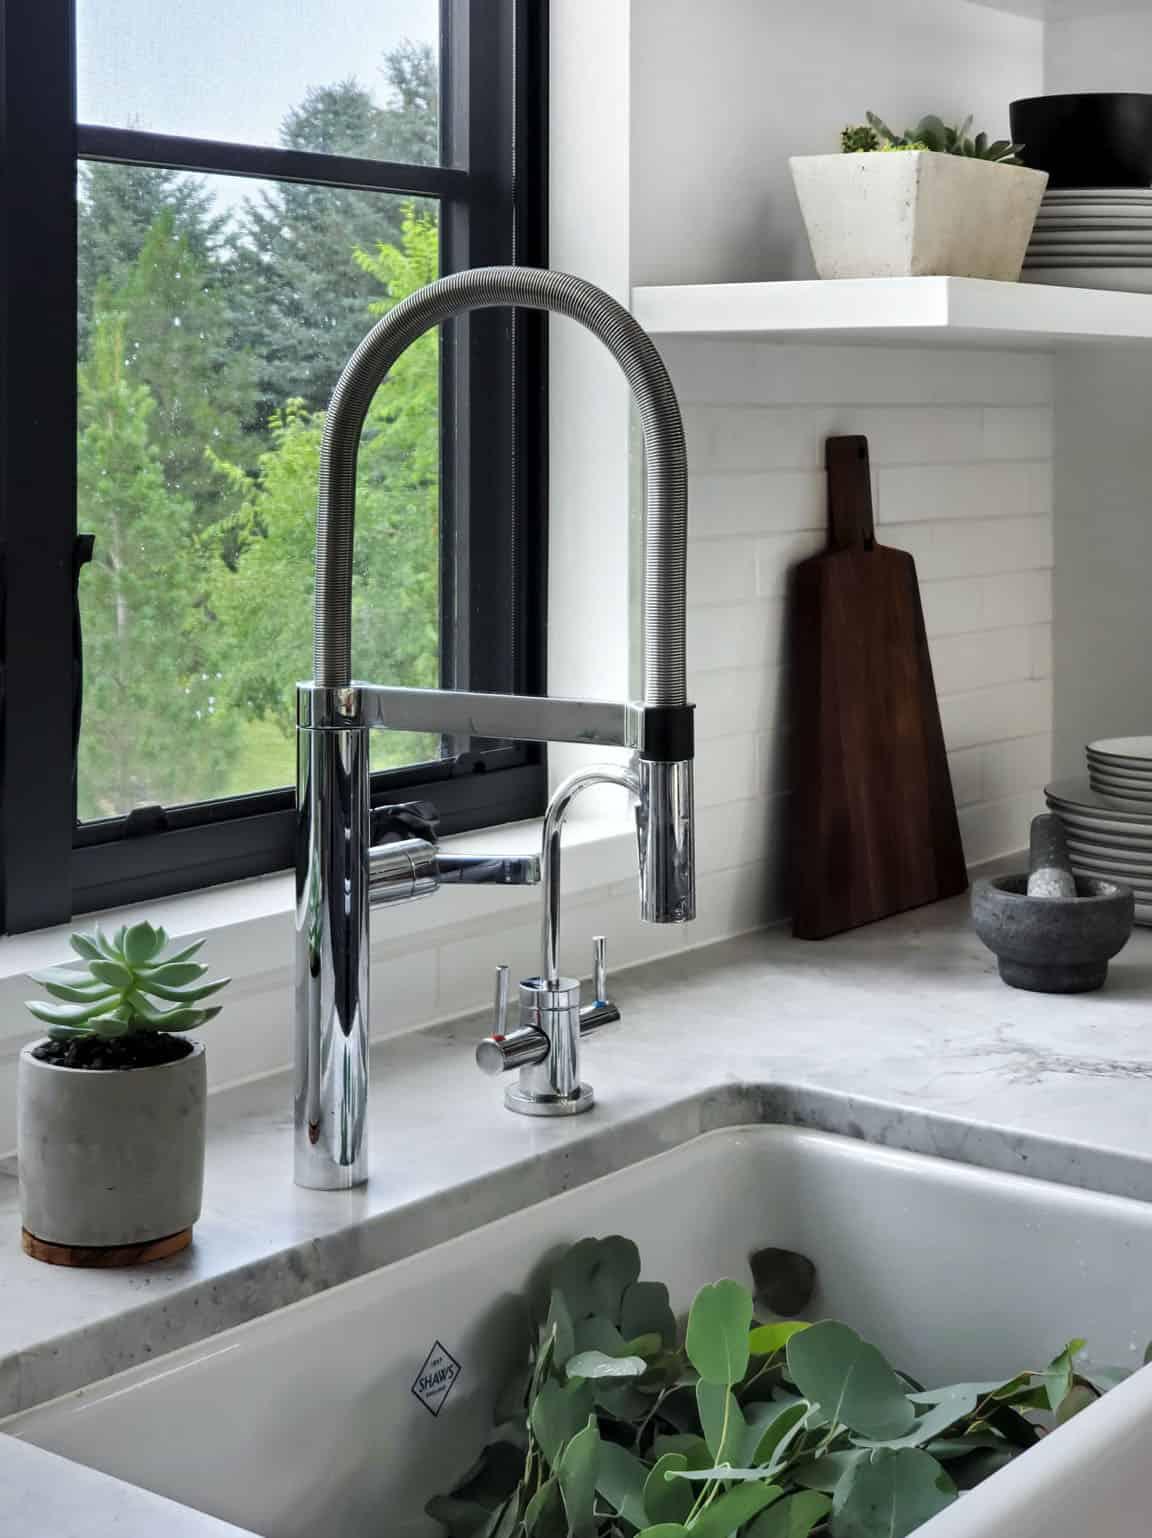 modern-farmhouse-kitchen-countertop-sink